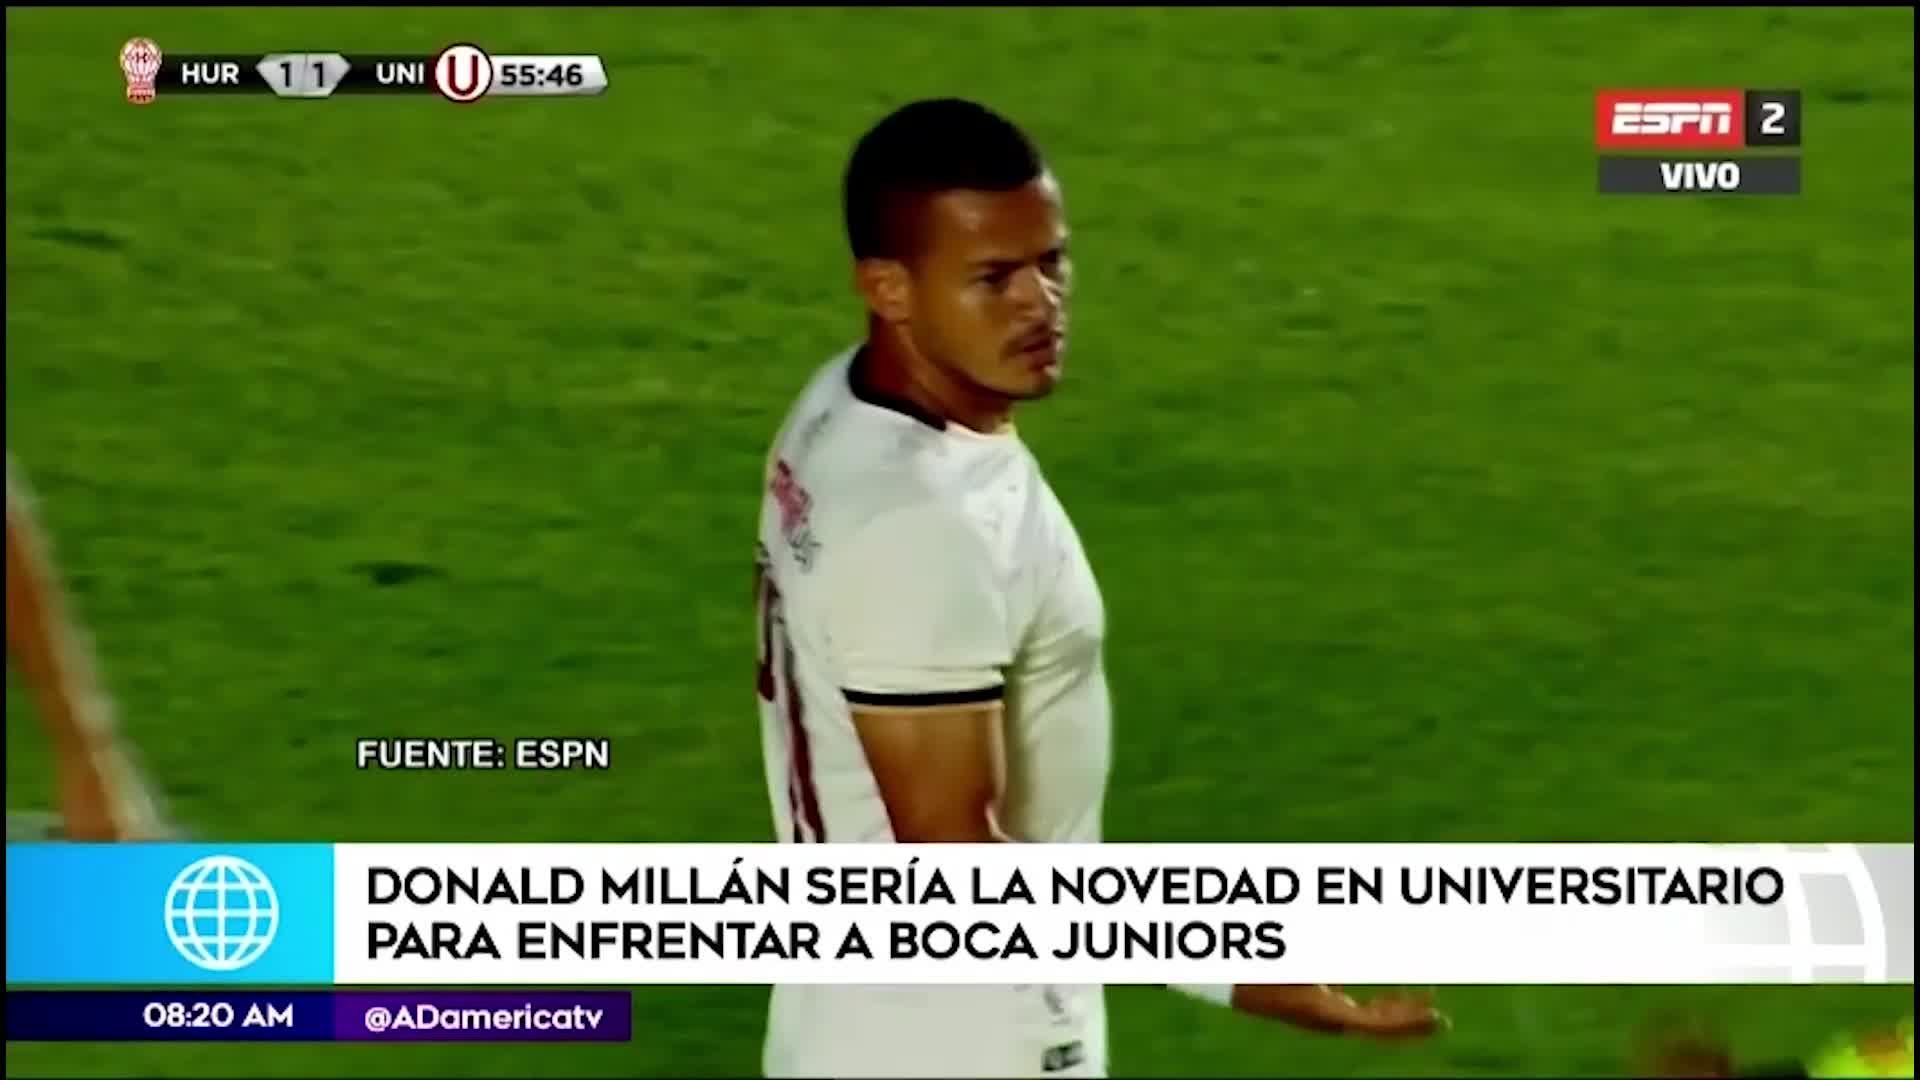 Donald Millán sería titular ante Boca Juniors